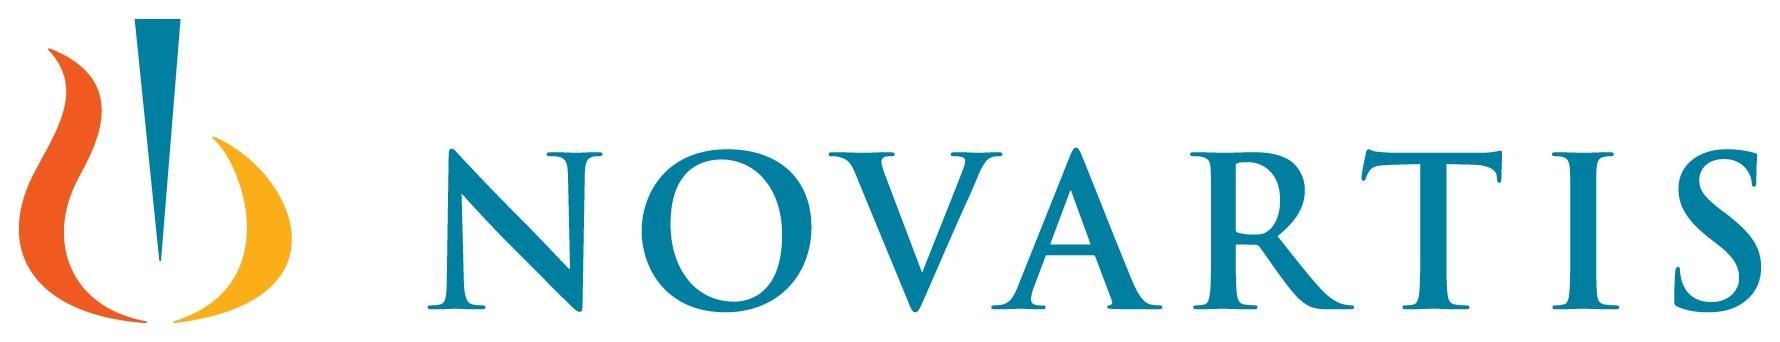 novartis_logo.JPG